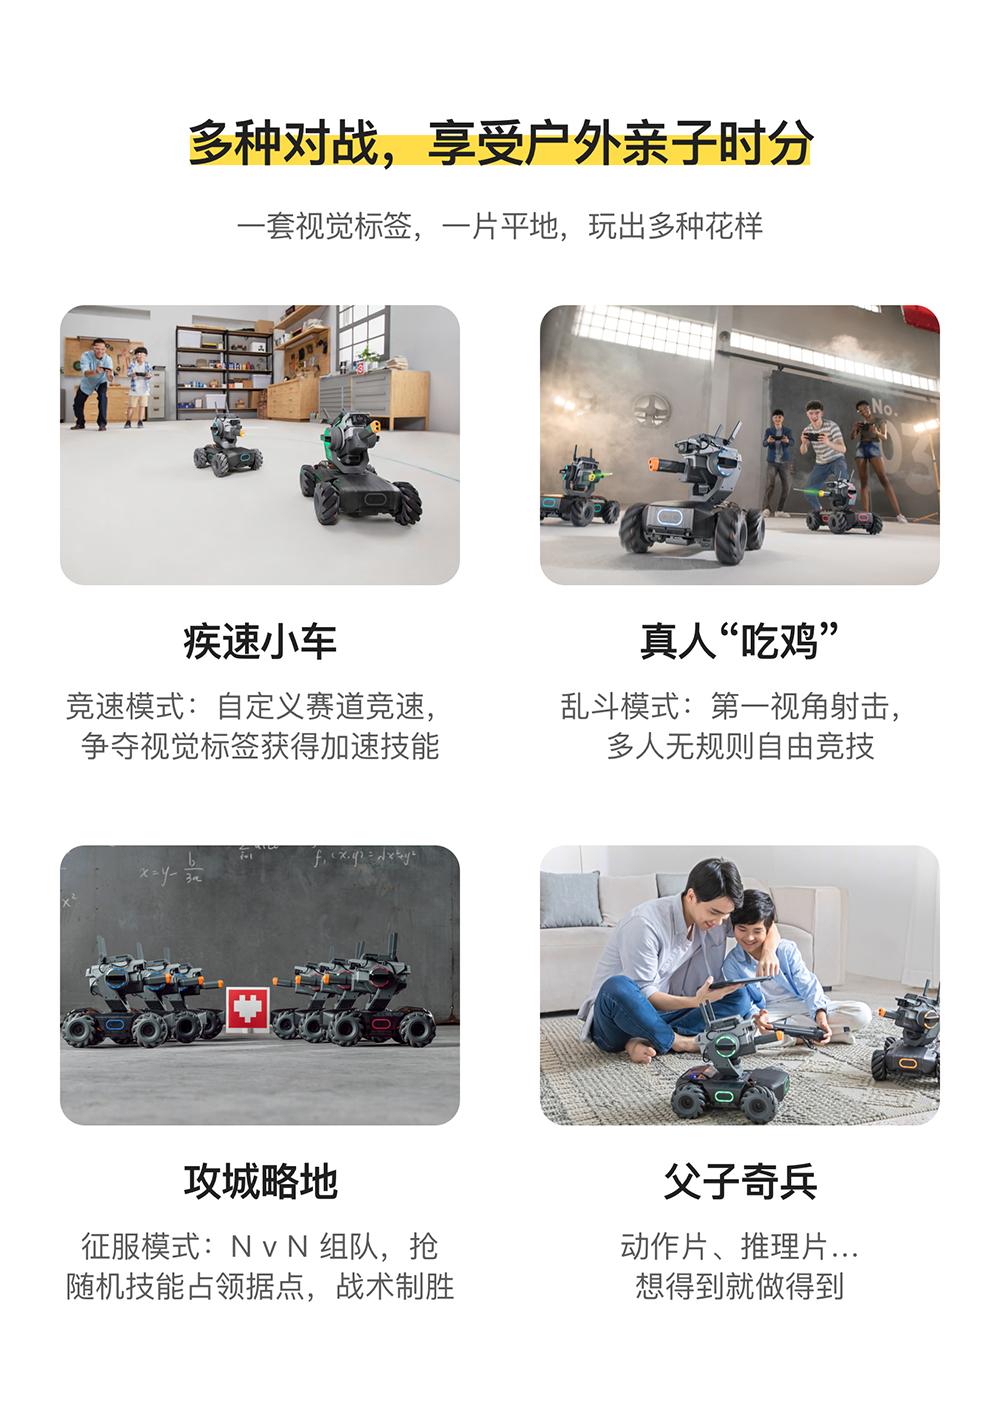 机甲大师编程挑战卡套装免费试用,评测